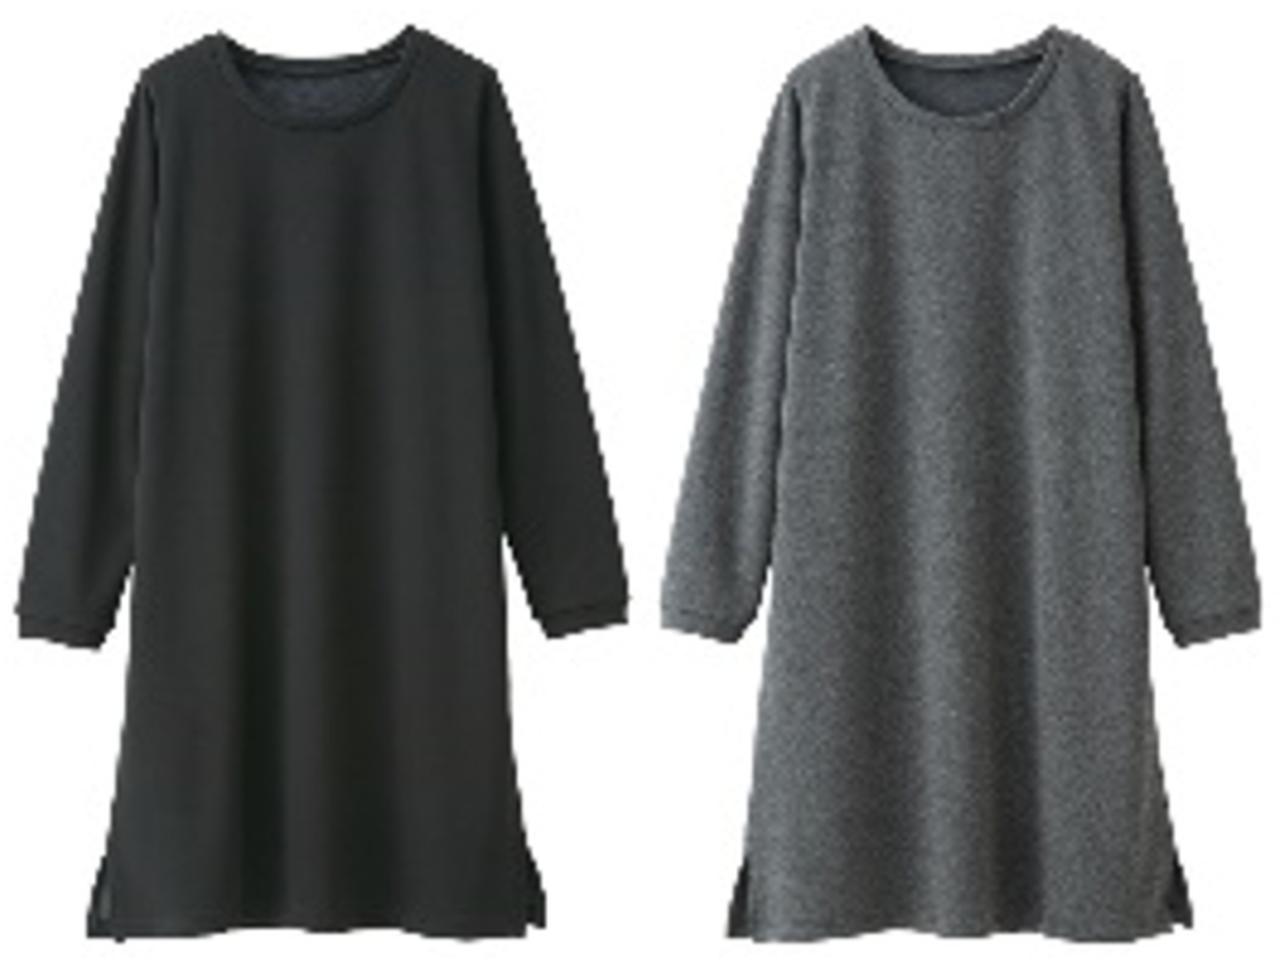 画像6: ファッション性と実用性を両立!これからの季節を快適に過ごせる!